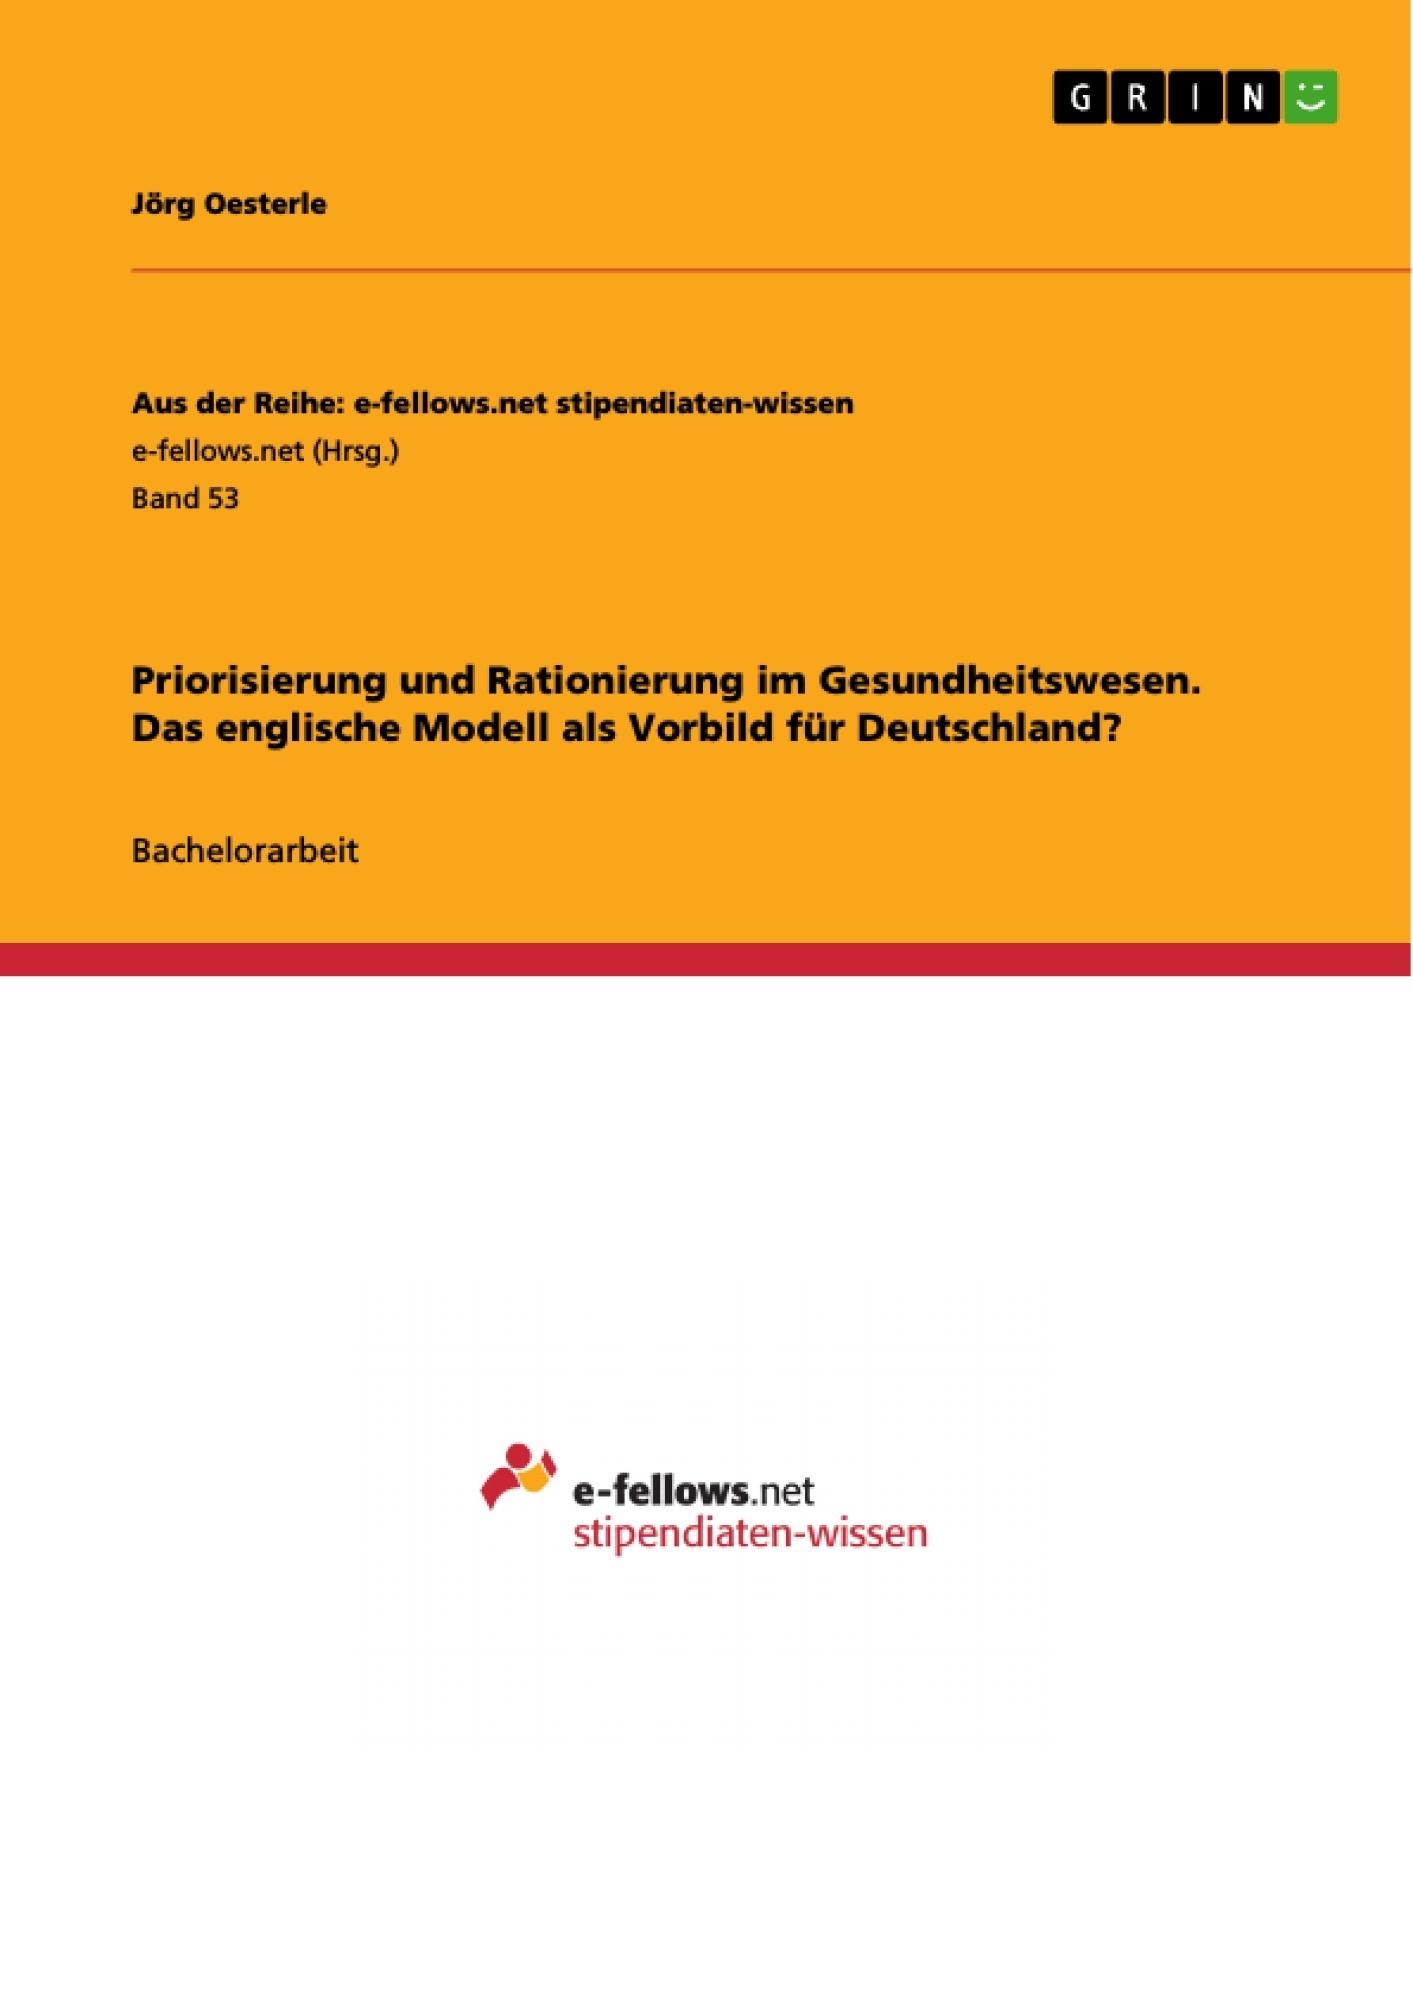 Titel: Priorisierung und Rationierung im Gesundheitswesen. Das englische Modell als Vorbild für Deutschland?